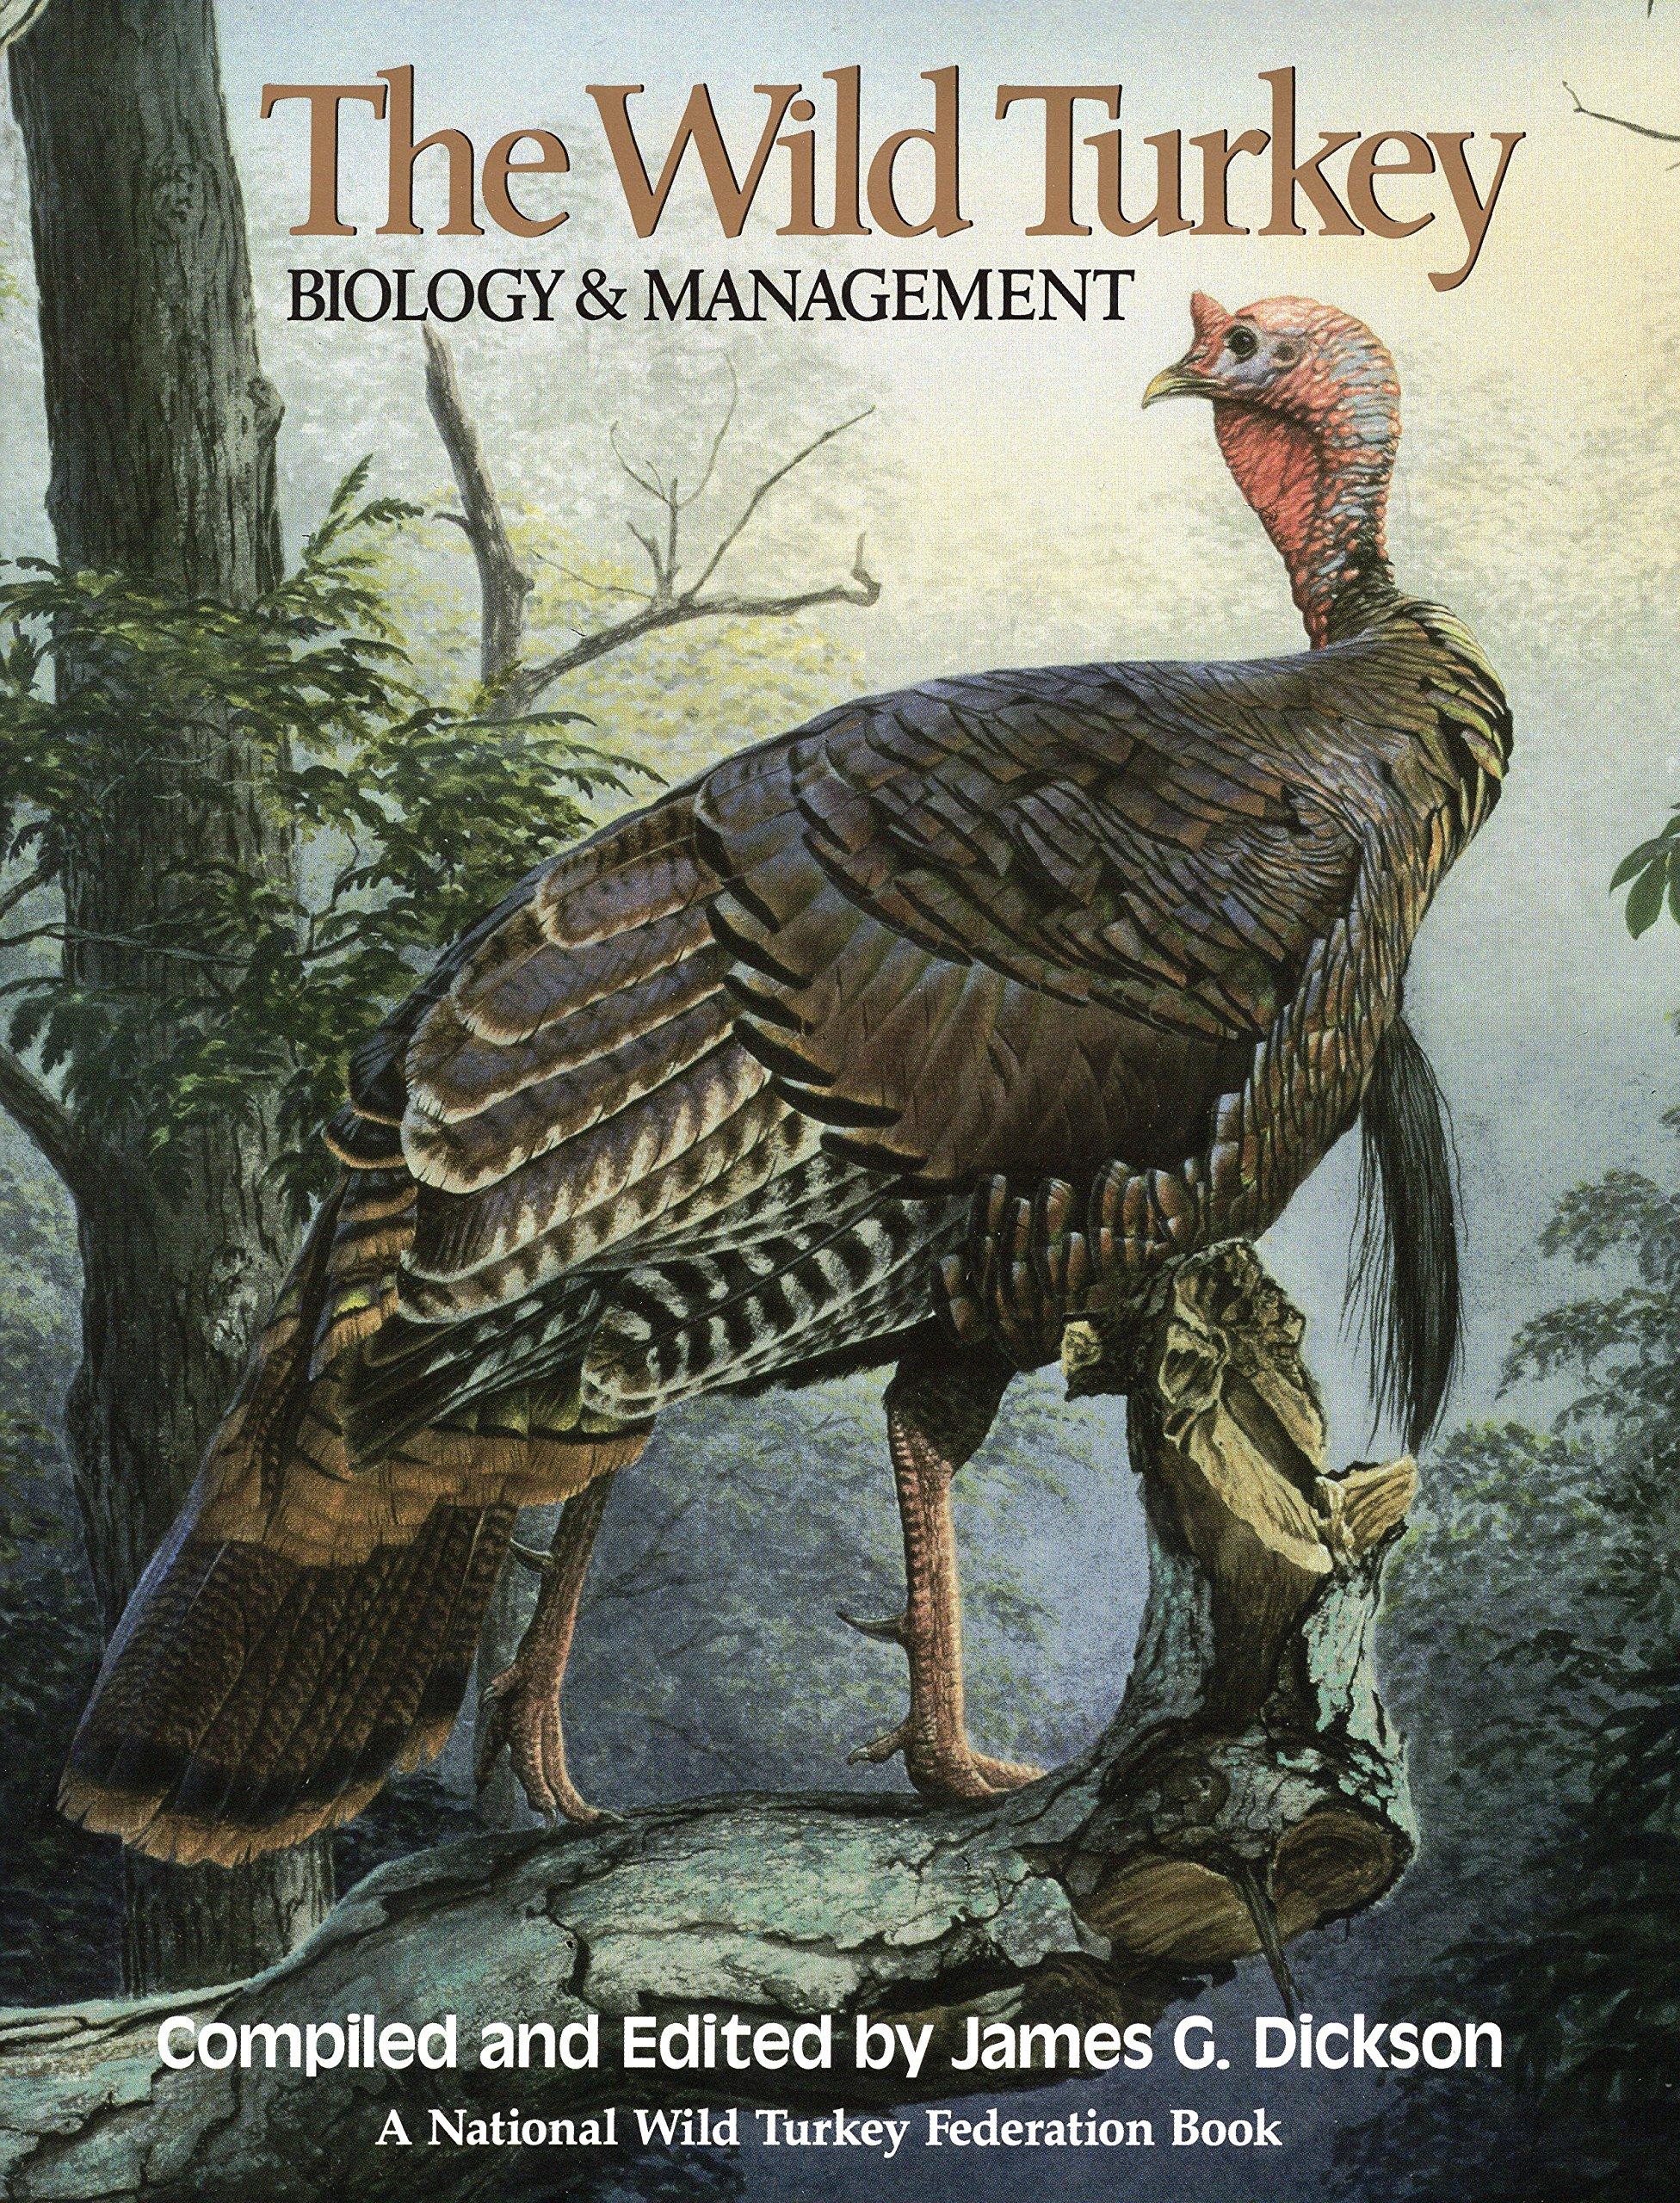 The Wild Turkey: Biology & Management